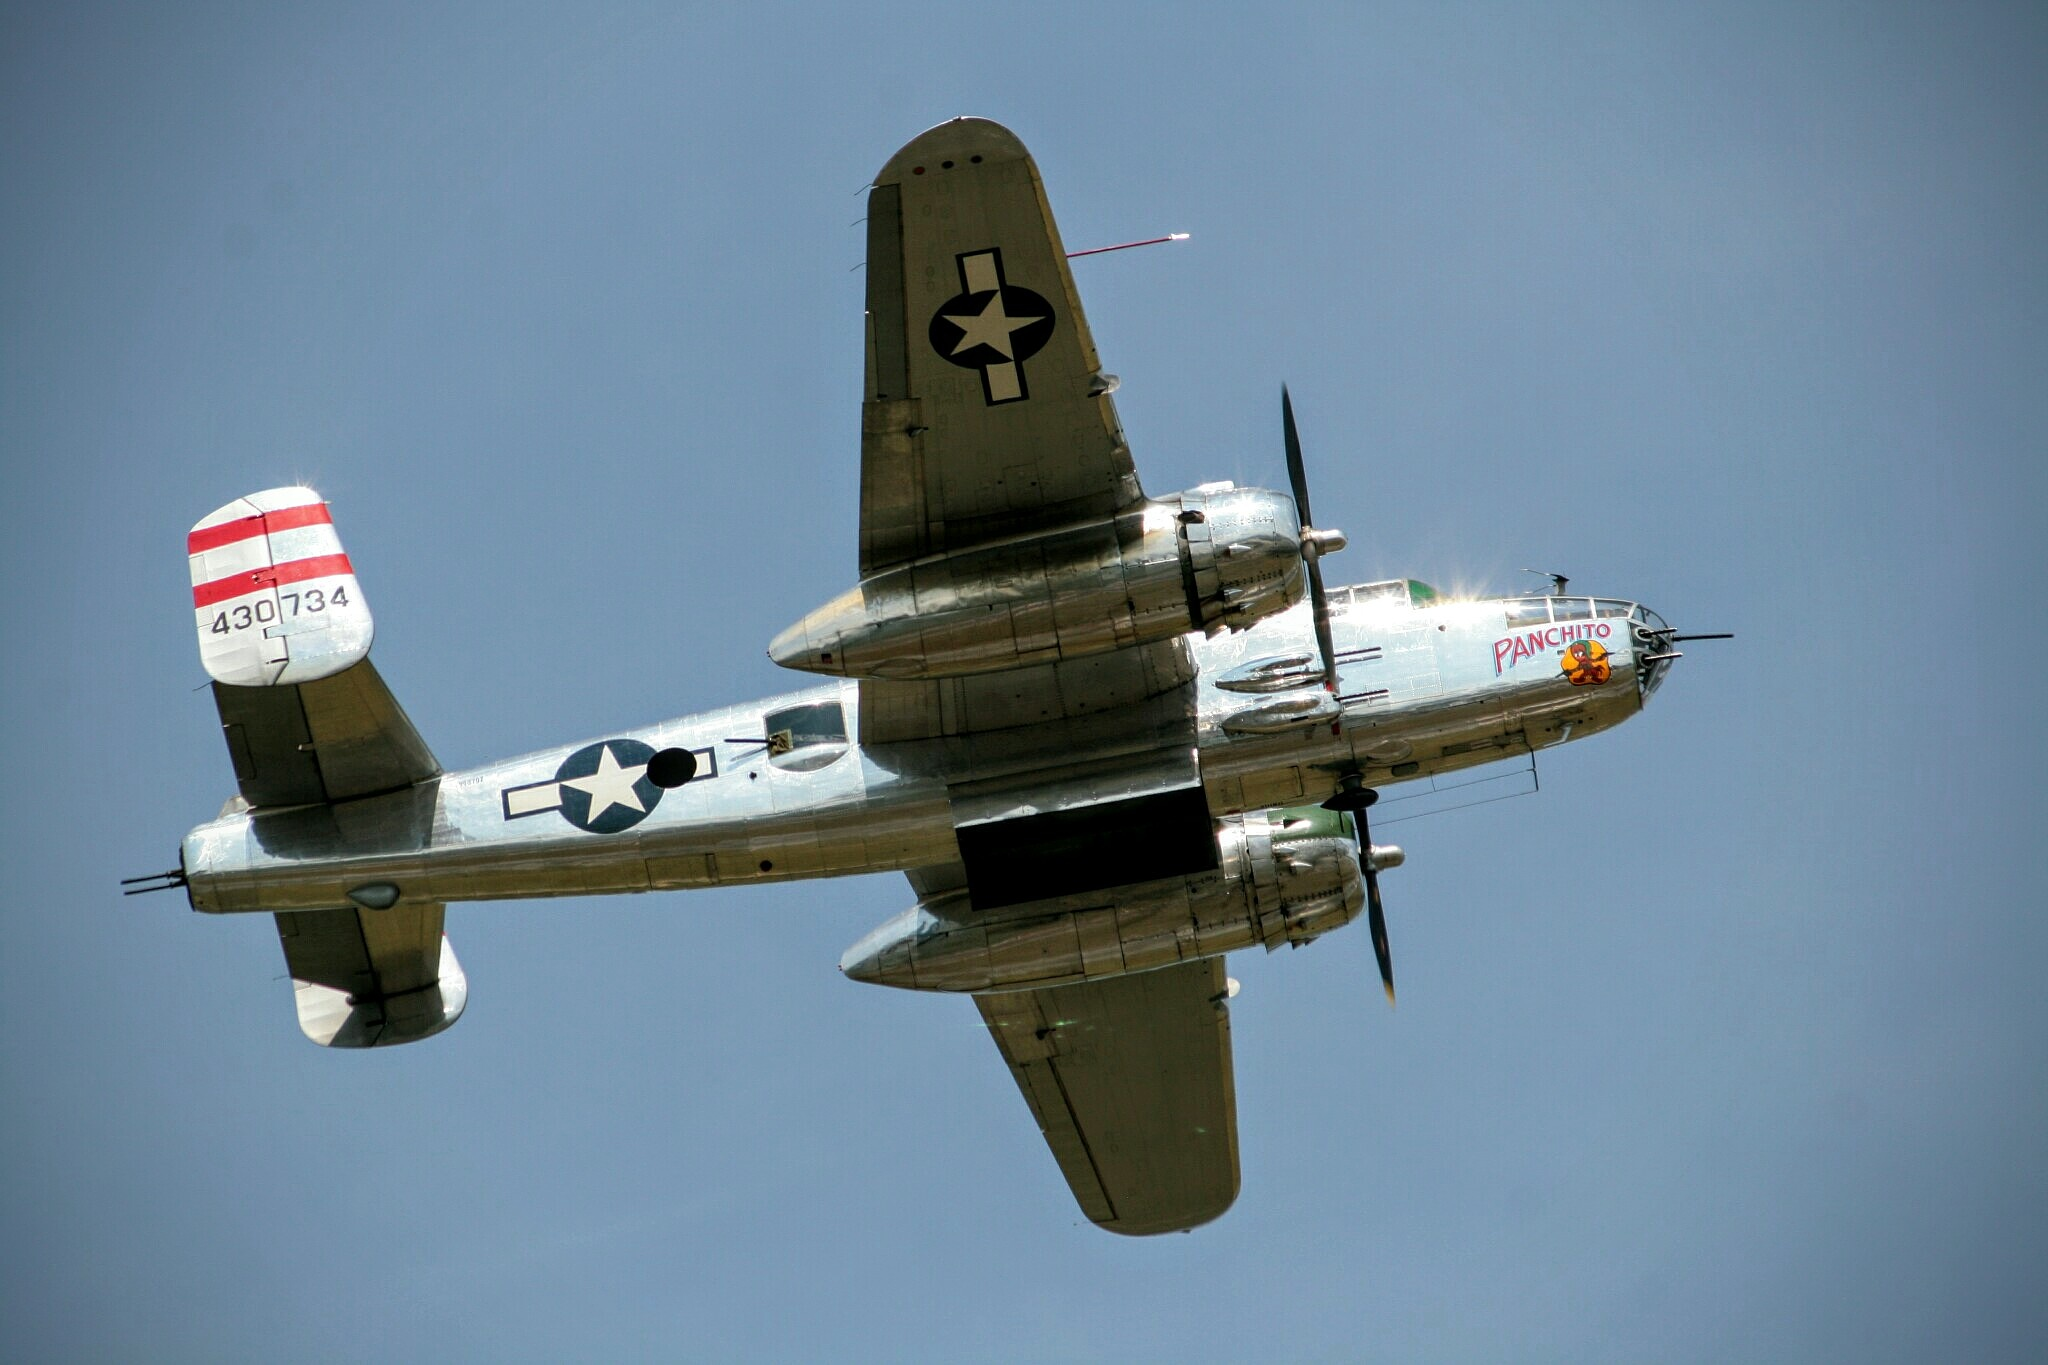 """""""Panchito"""" B25 Mitchell bomber by Jim Sugrue"""